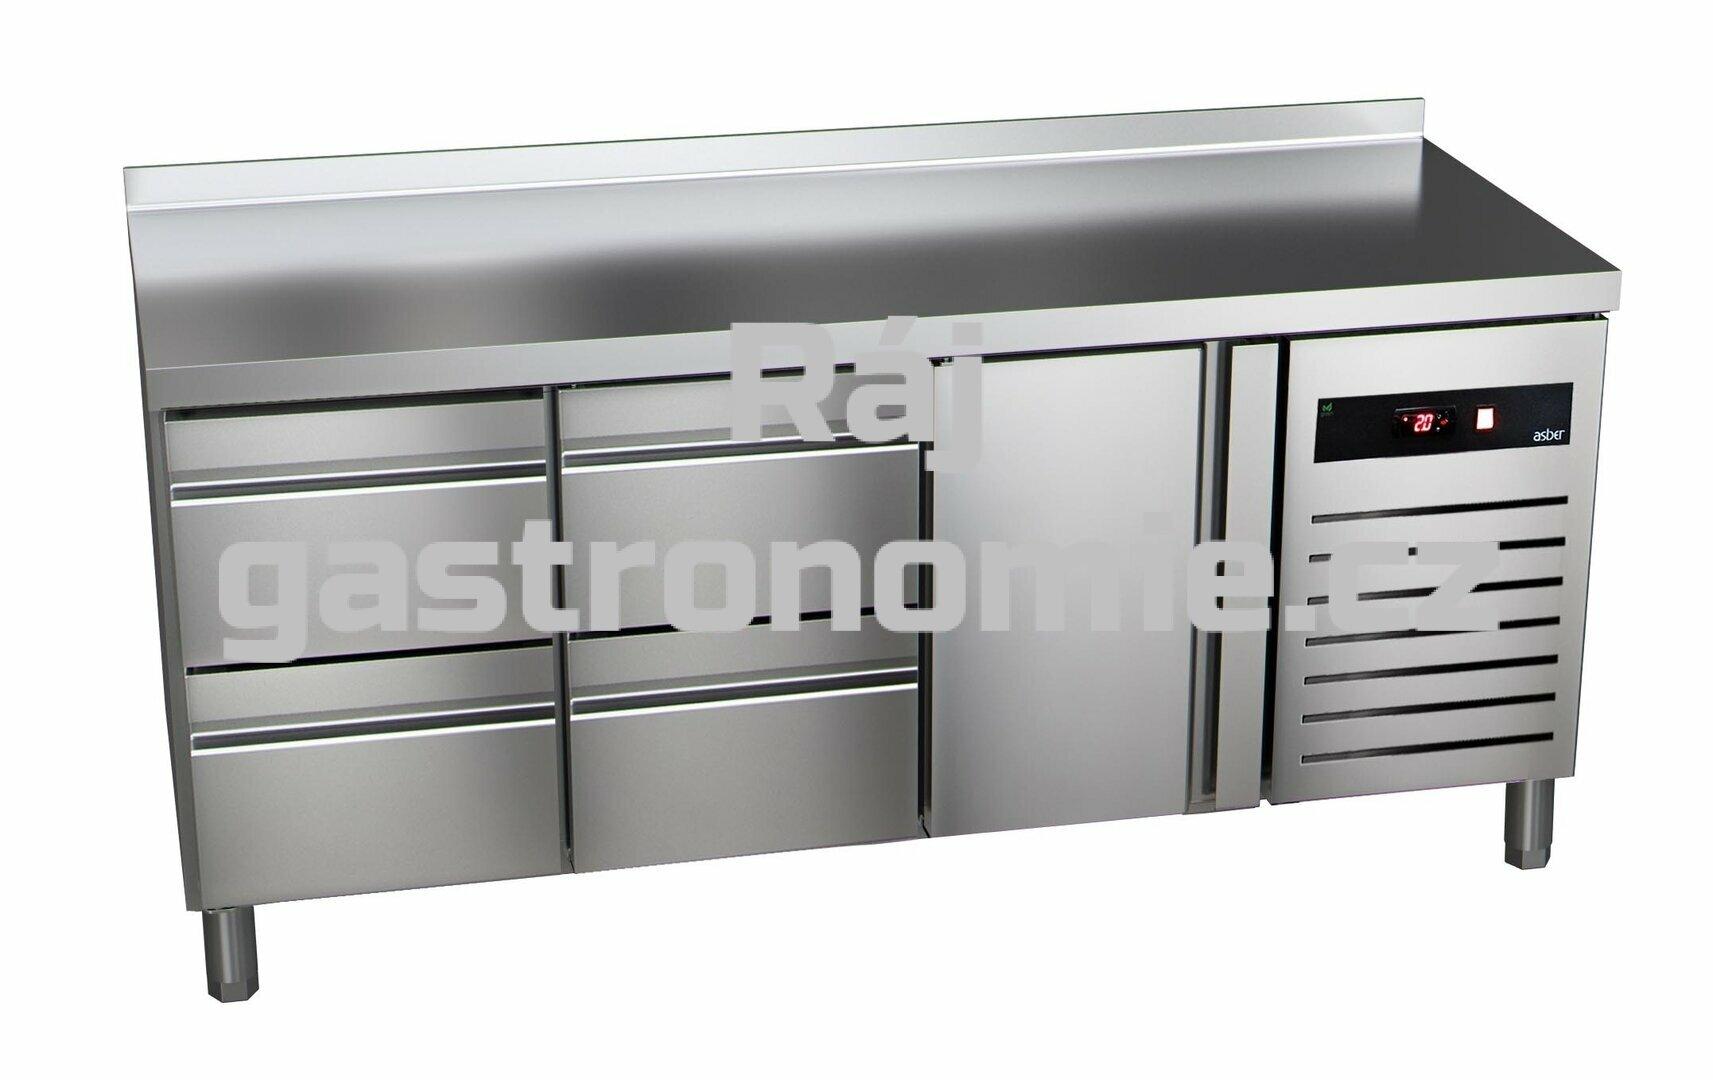 Chladící stůl GTP-7-180-14 - agregát vpravo + dřez